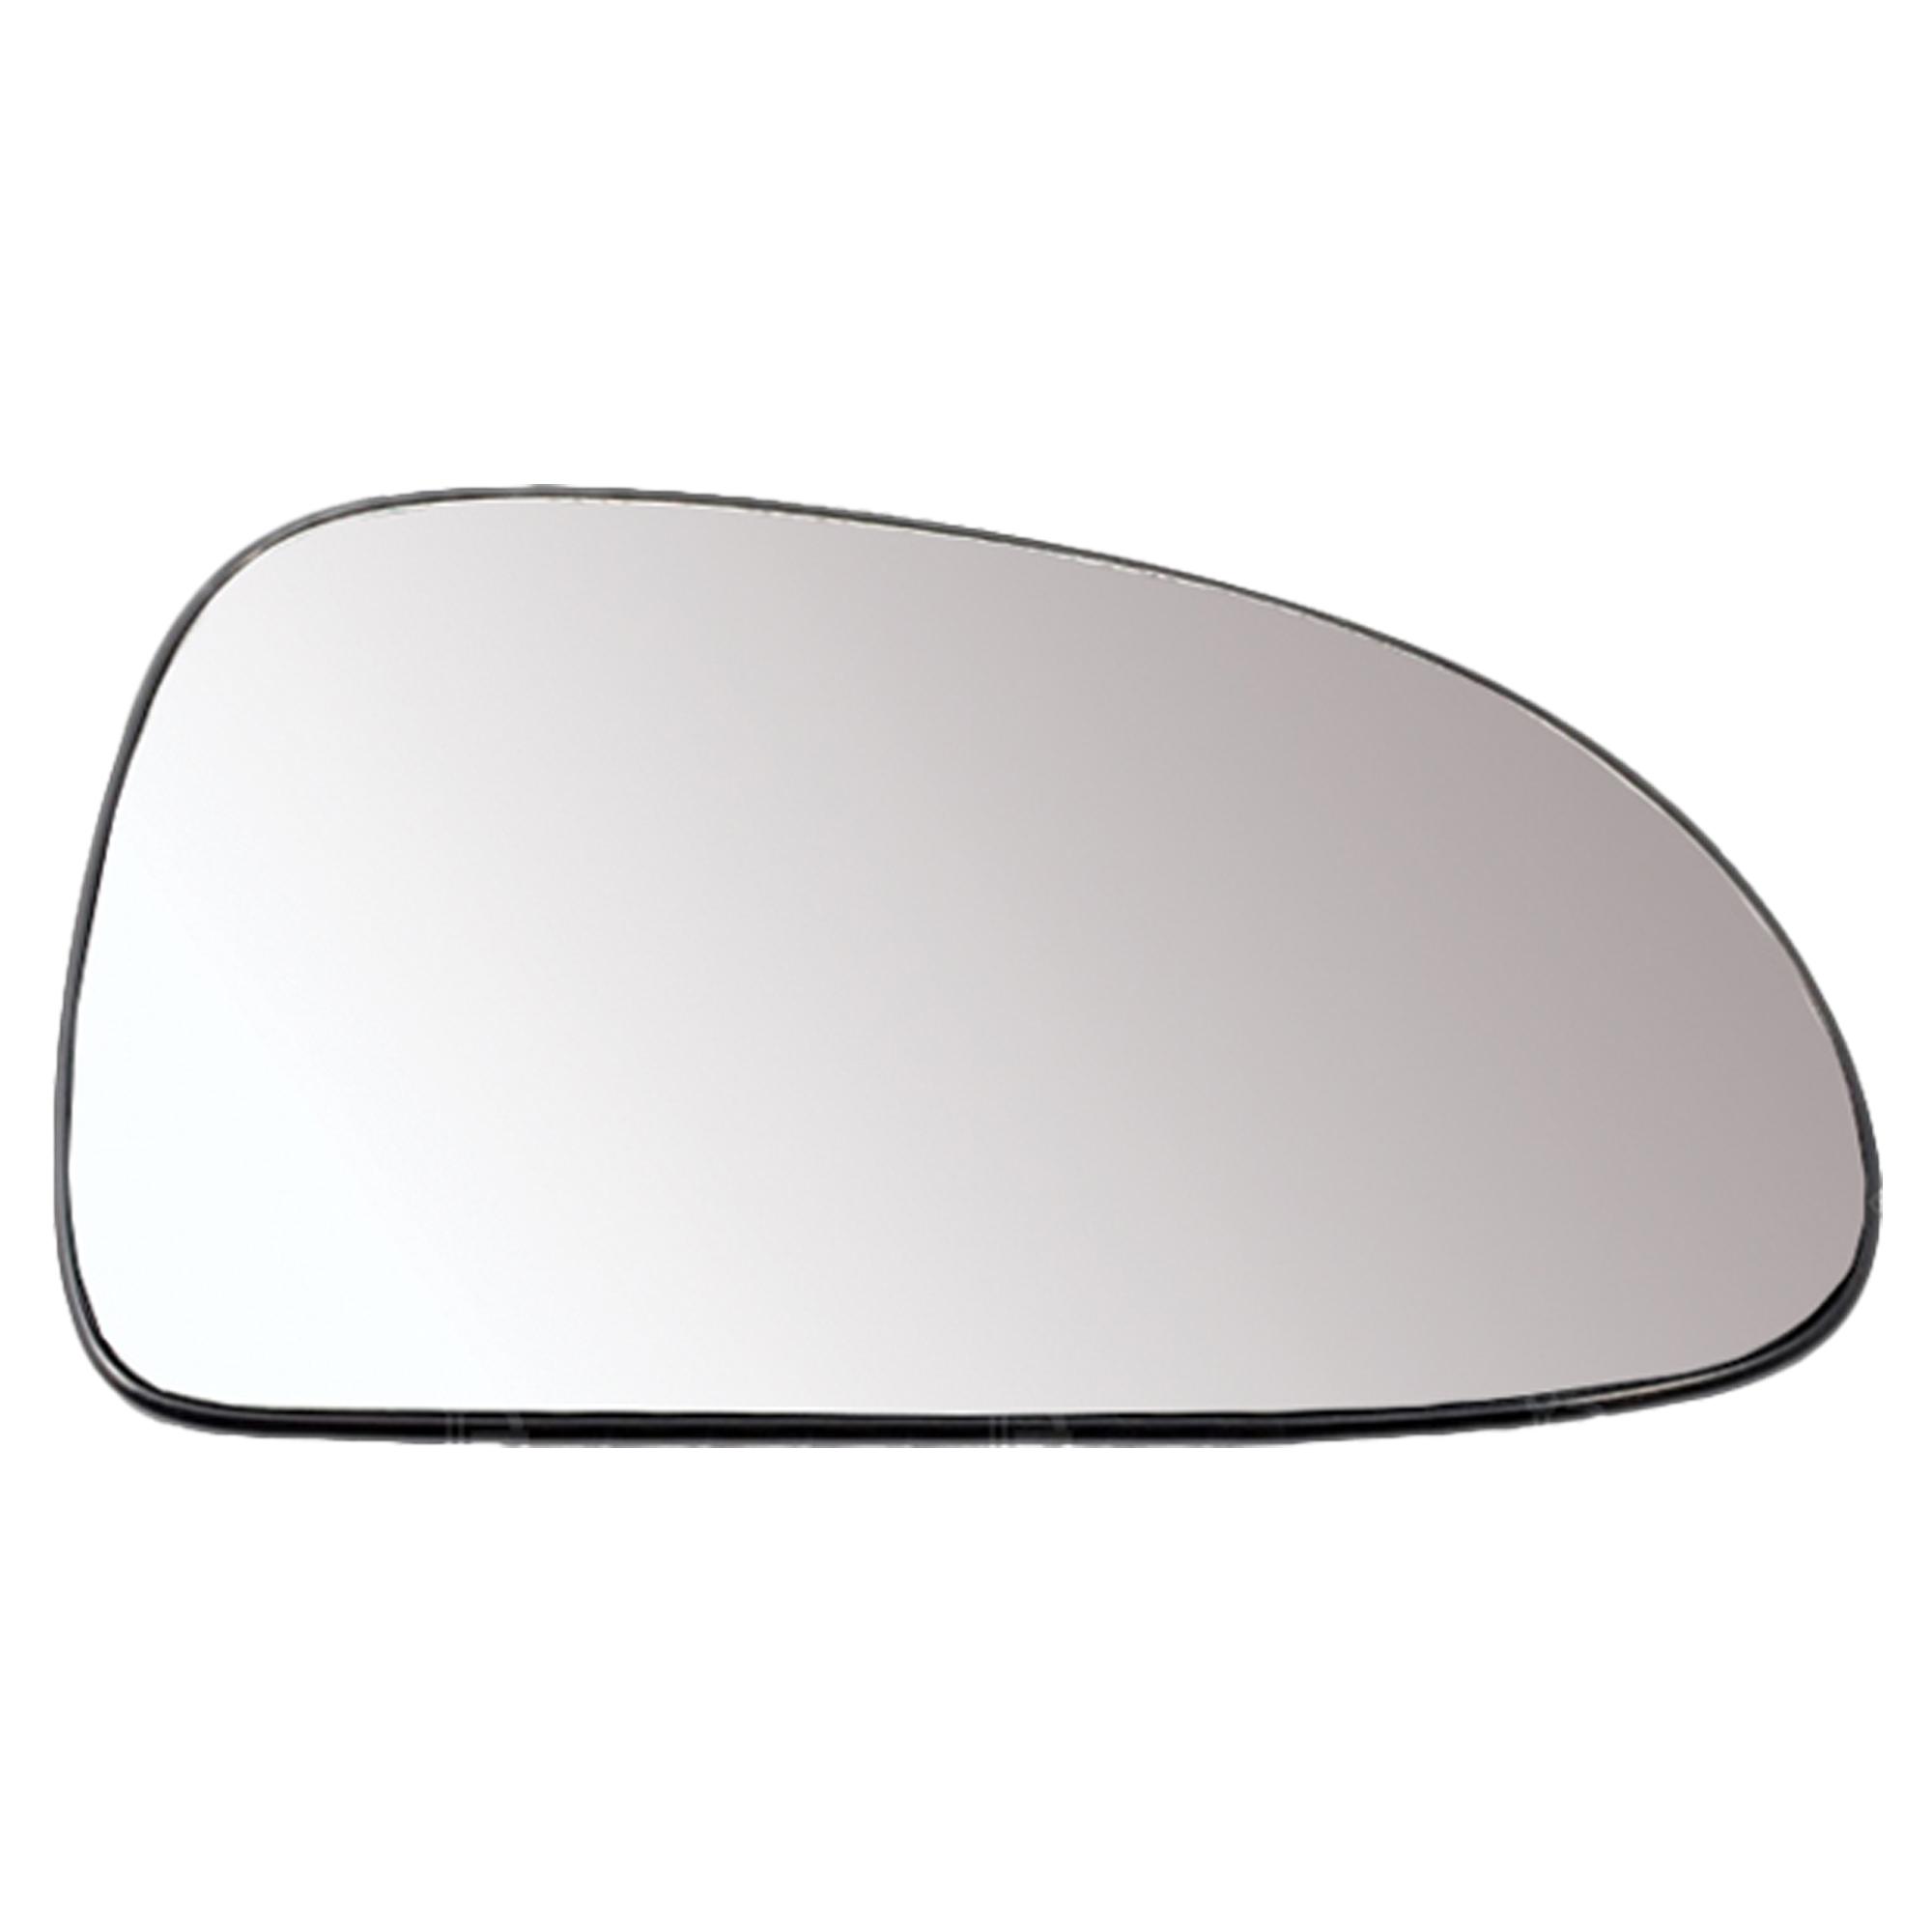 شیشه آینه جانبی چپ خودرو  مدل A13-8202011BA مناسب برای ام وی ام 315